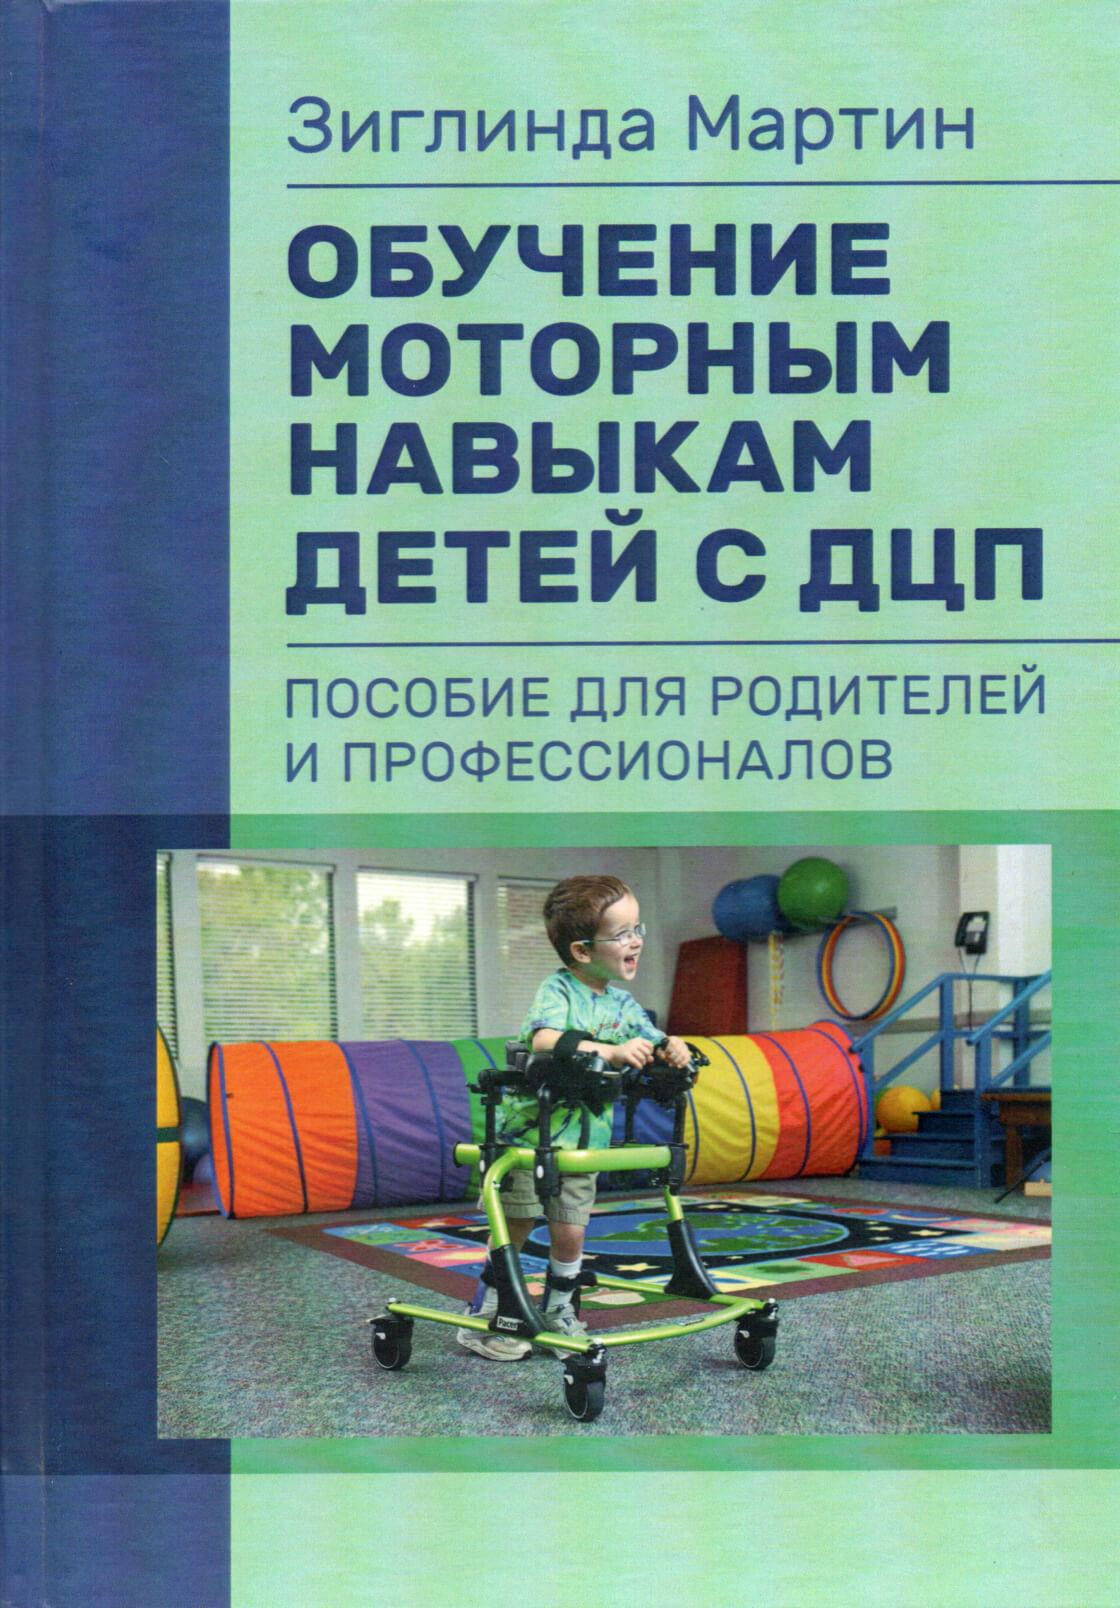 Обучение моторным навыкам детей с ДЦП. Пособие для родителей и профессионалов